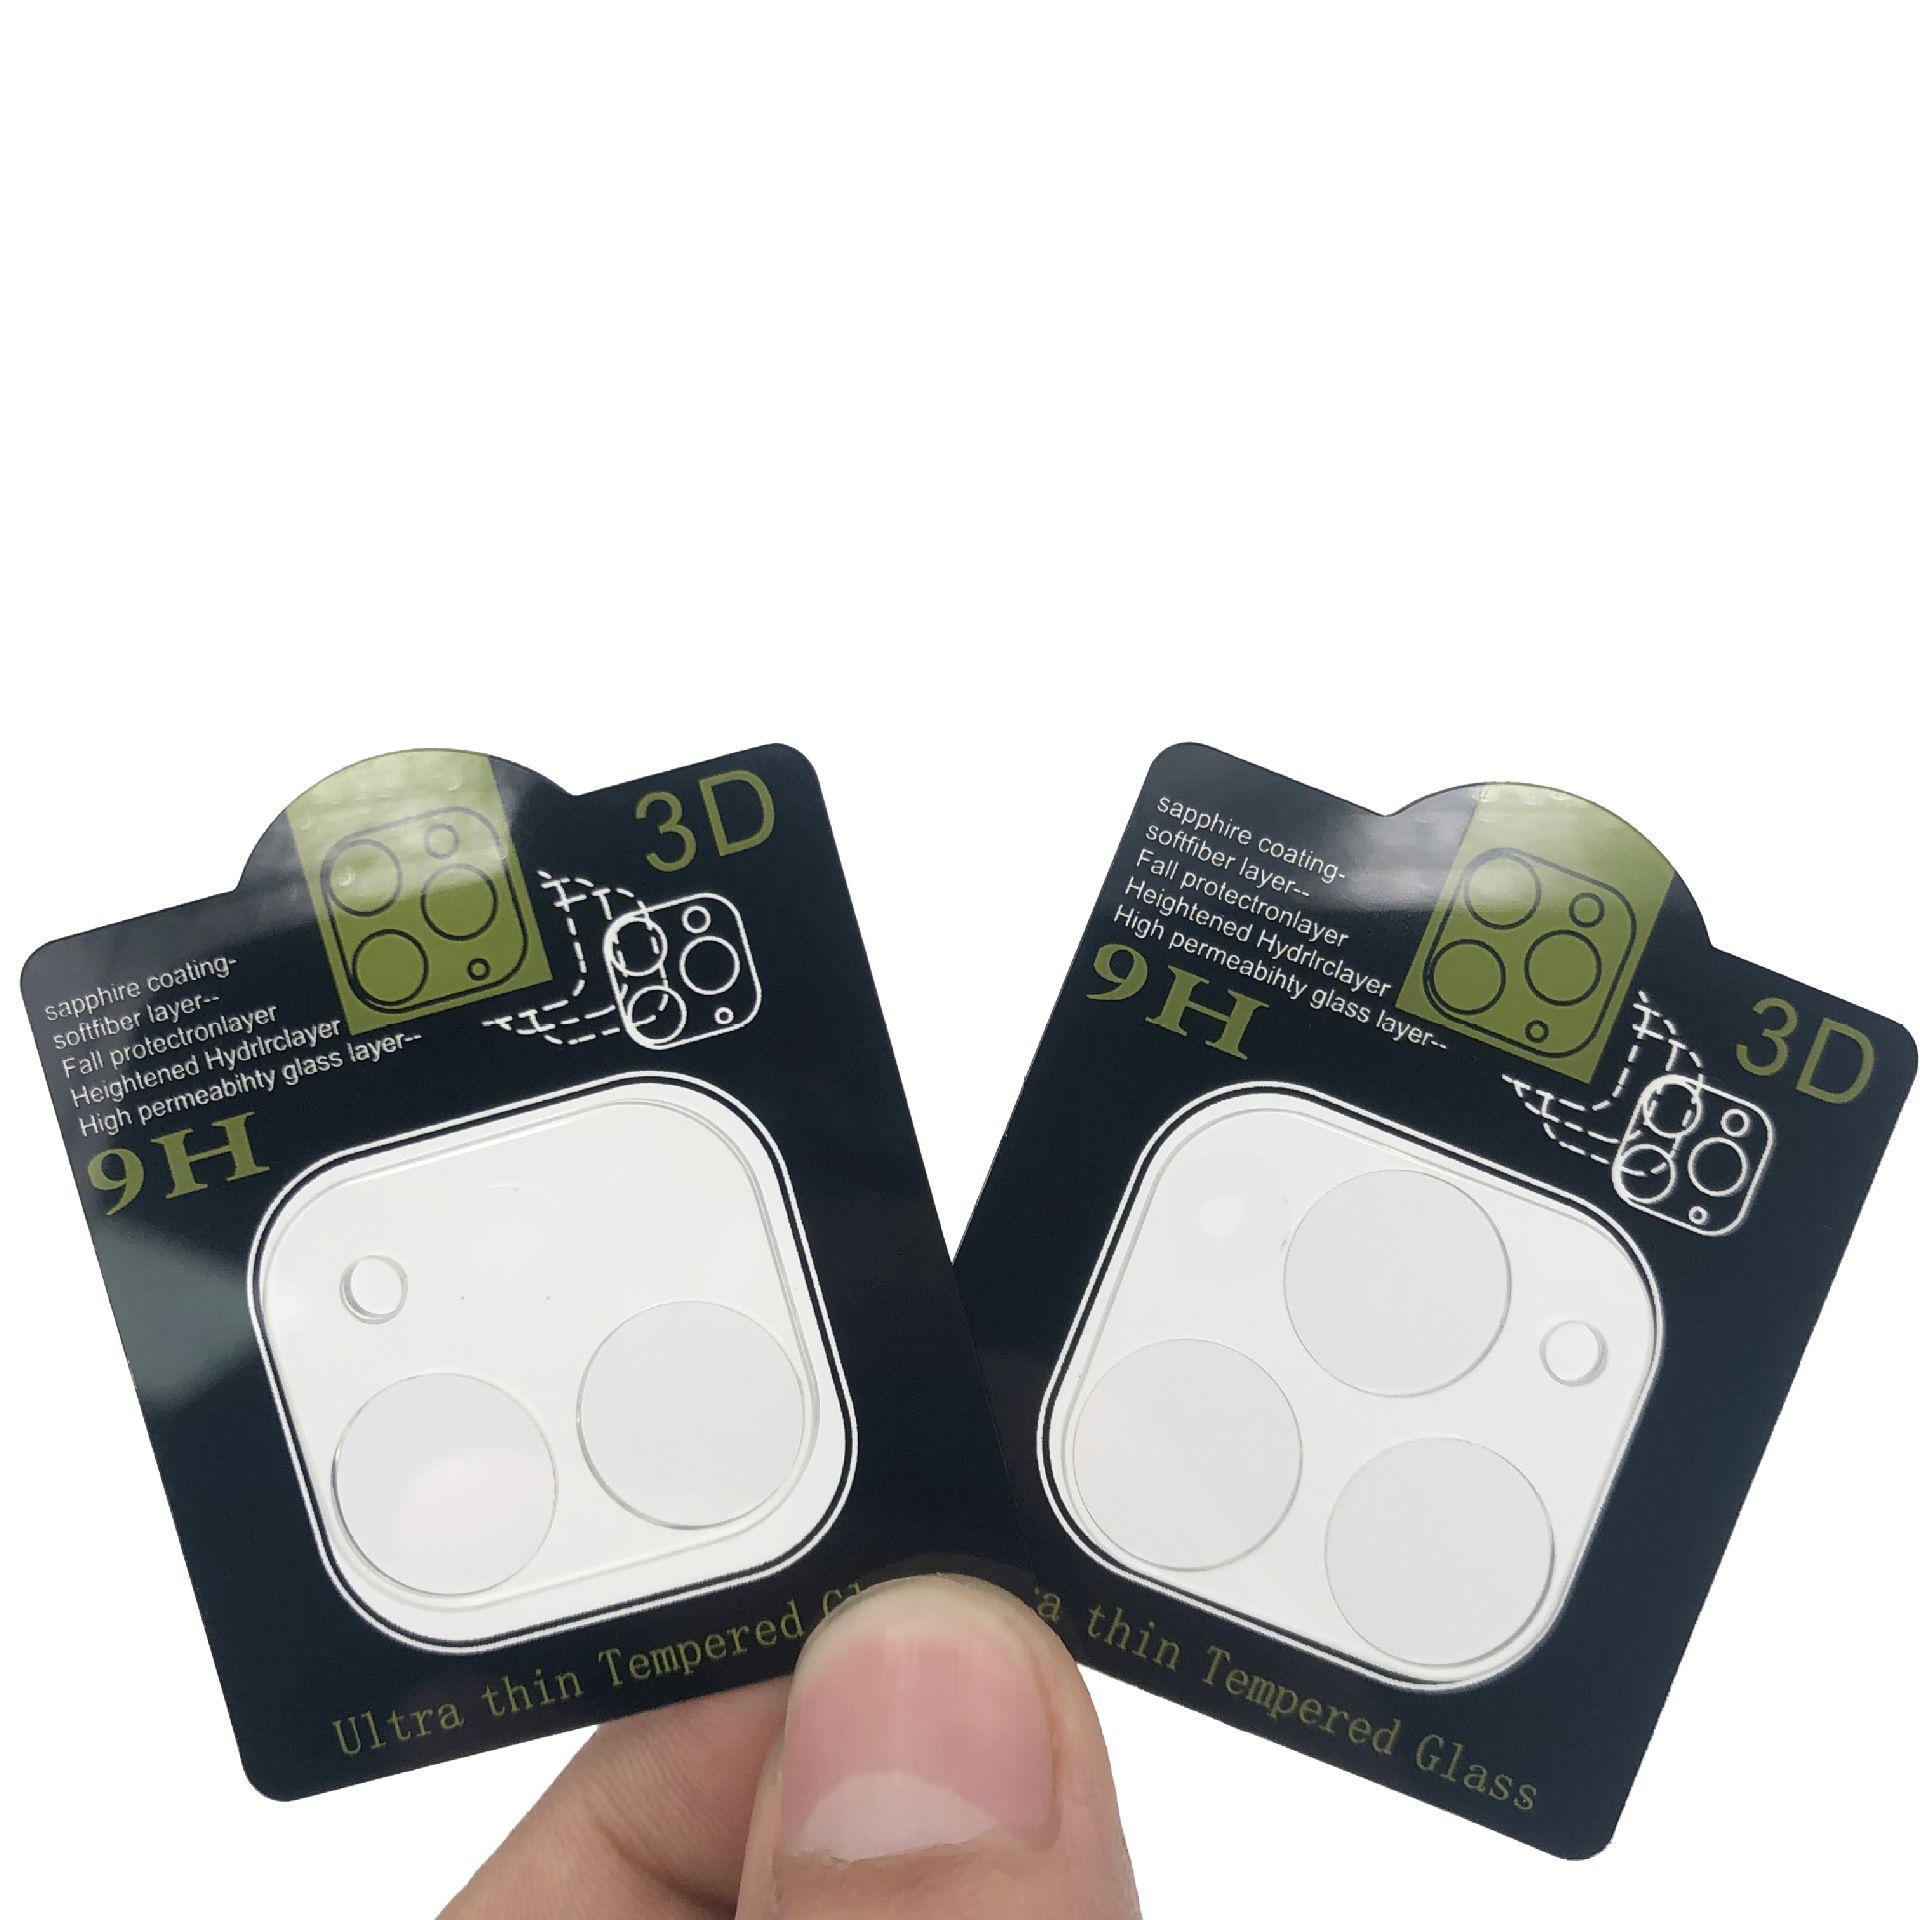 돌아 가기 카메라 렌즈 강화 유리 아이폰 (11) 프로 맥스 XR XS 7 8 플러스 보호 필름 GALSS 수호자 화웨이 메이트 (30) 프로